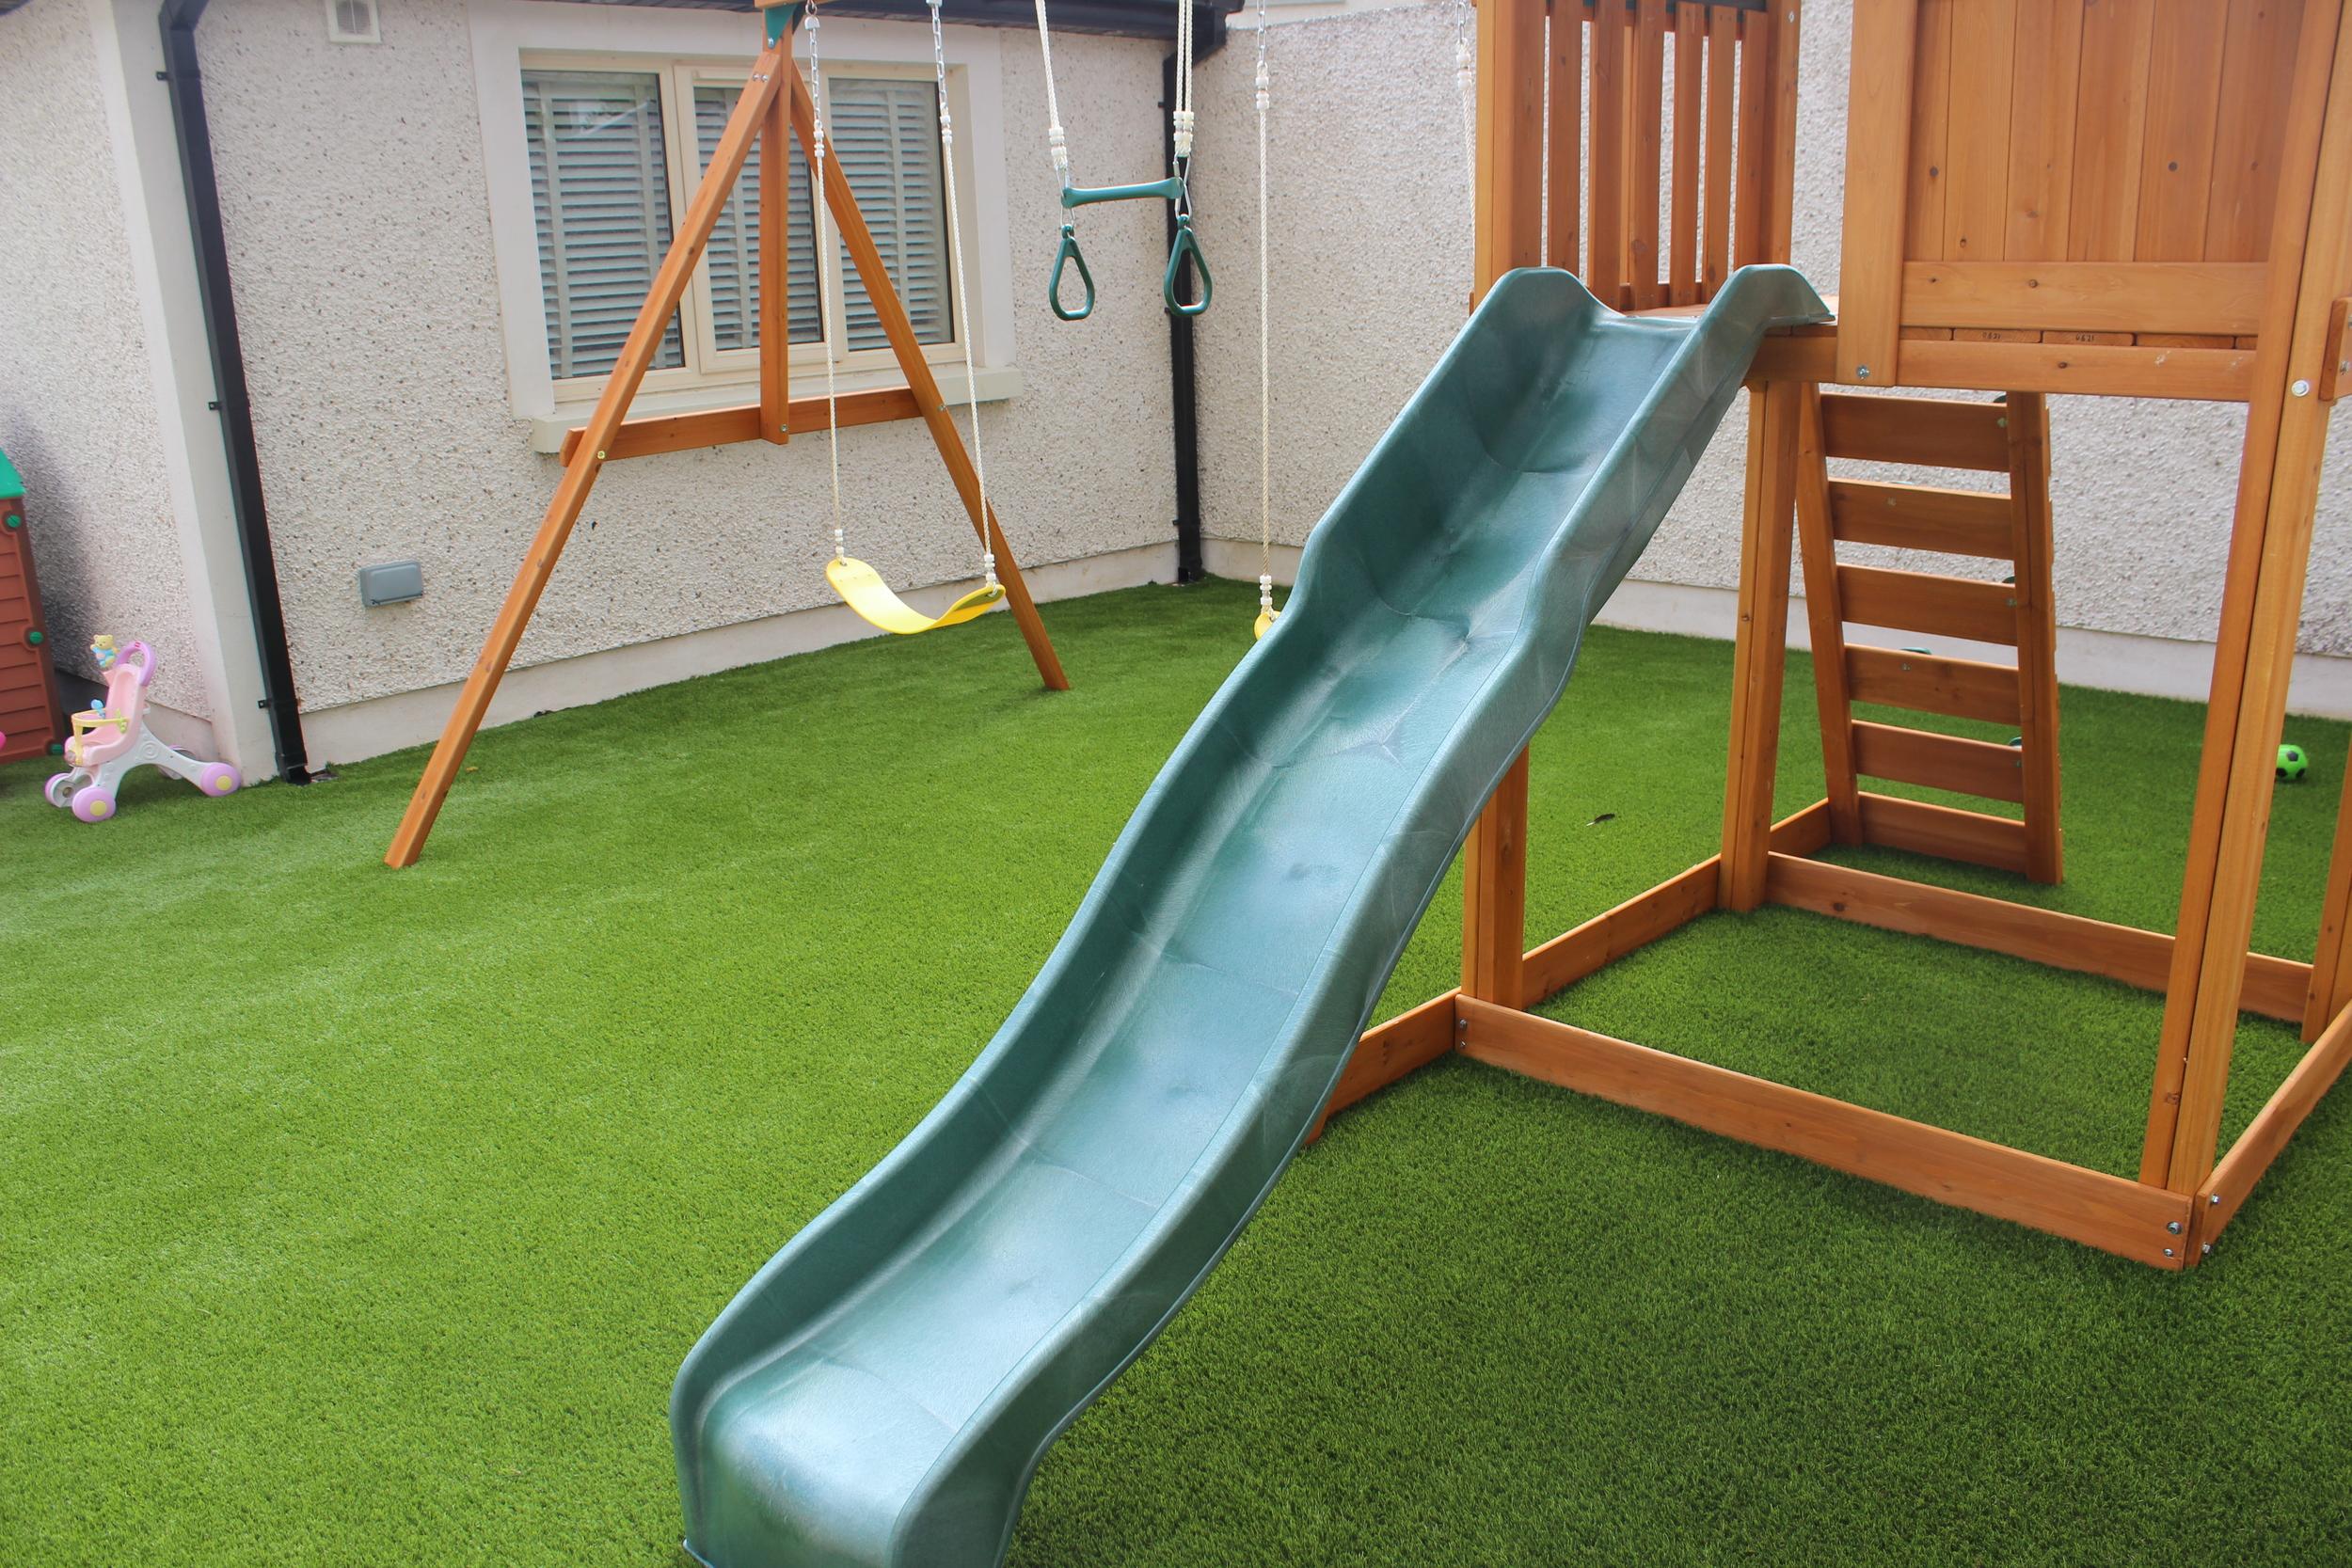 Childs garden slide.JPG